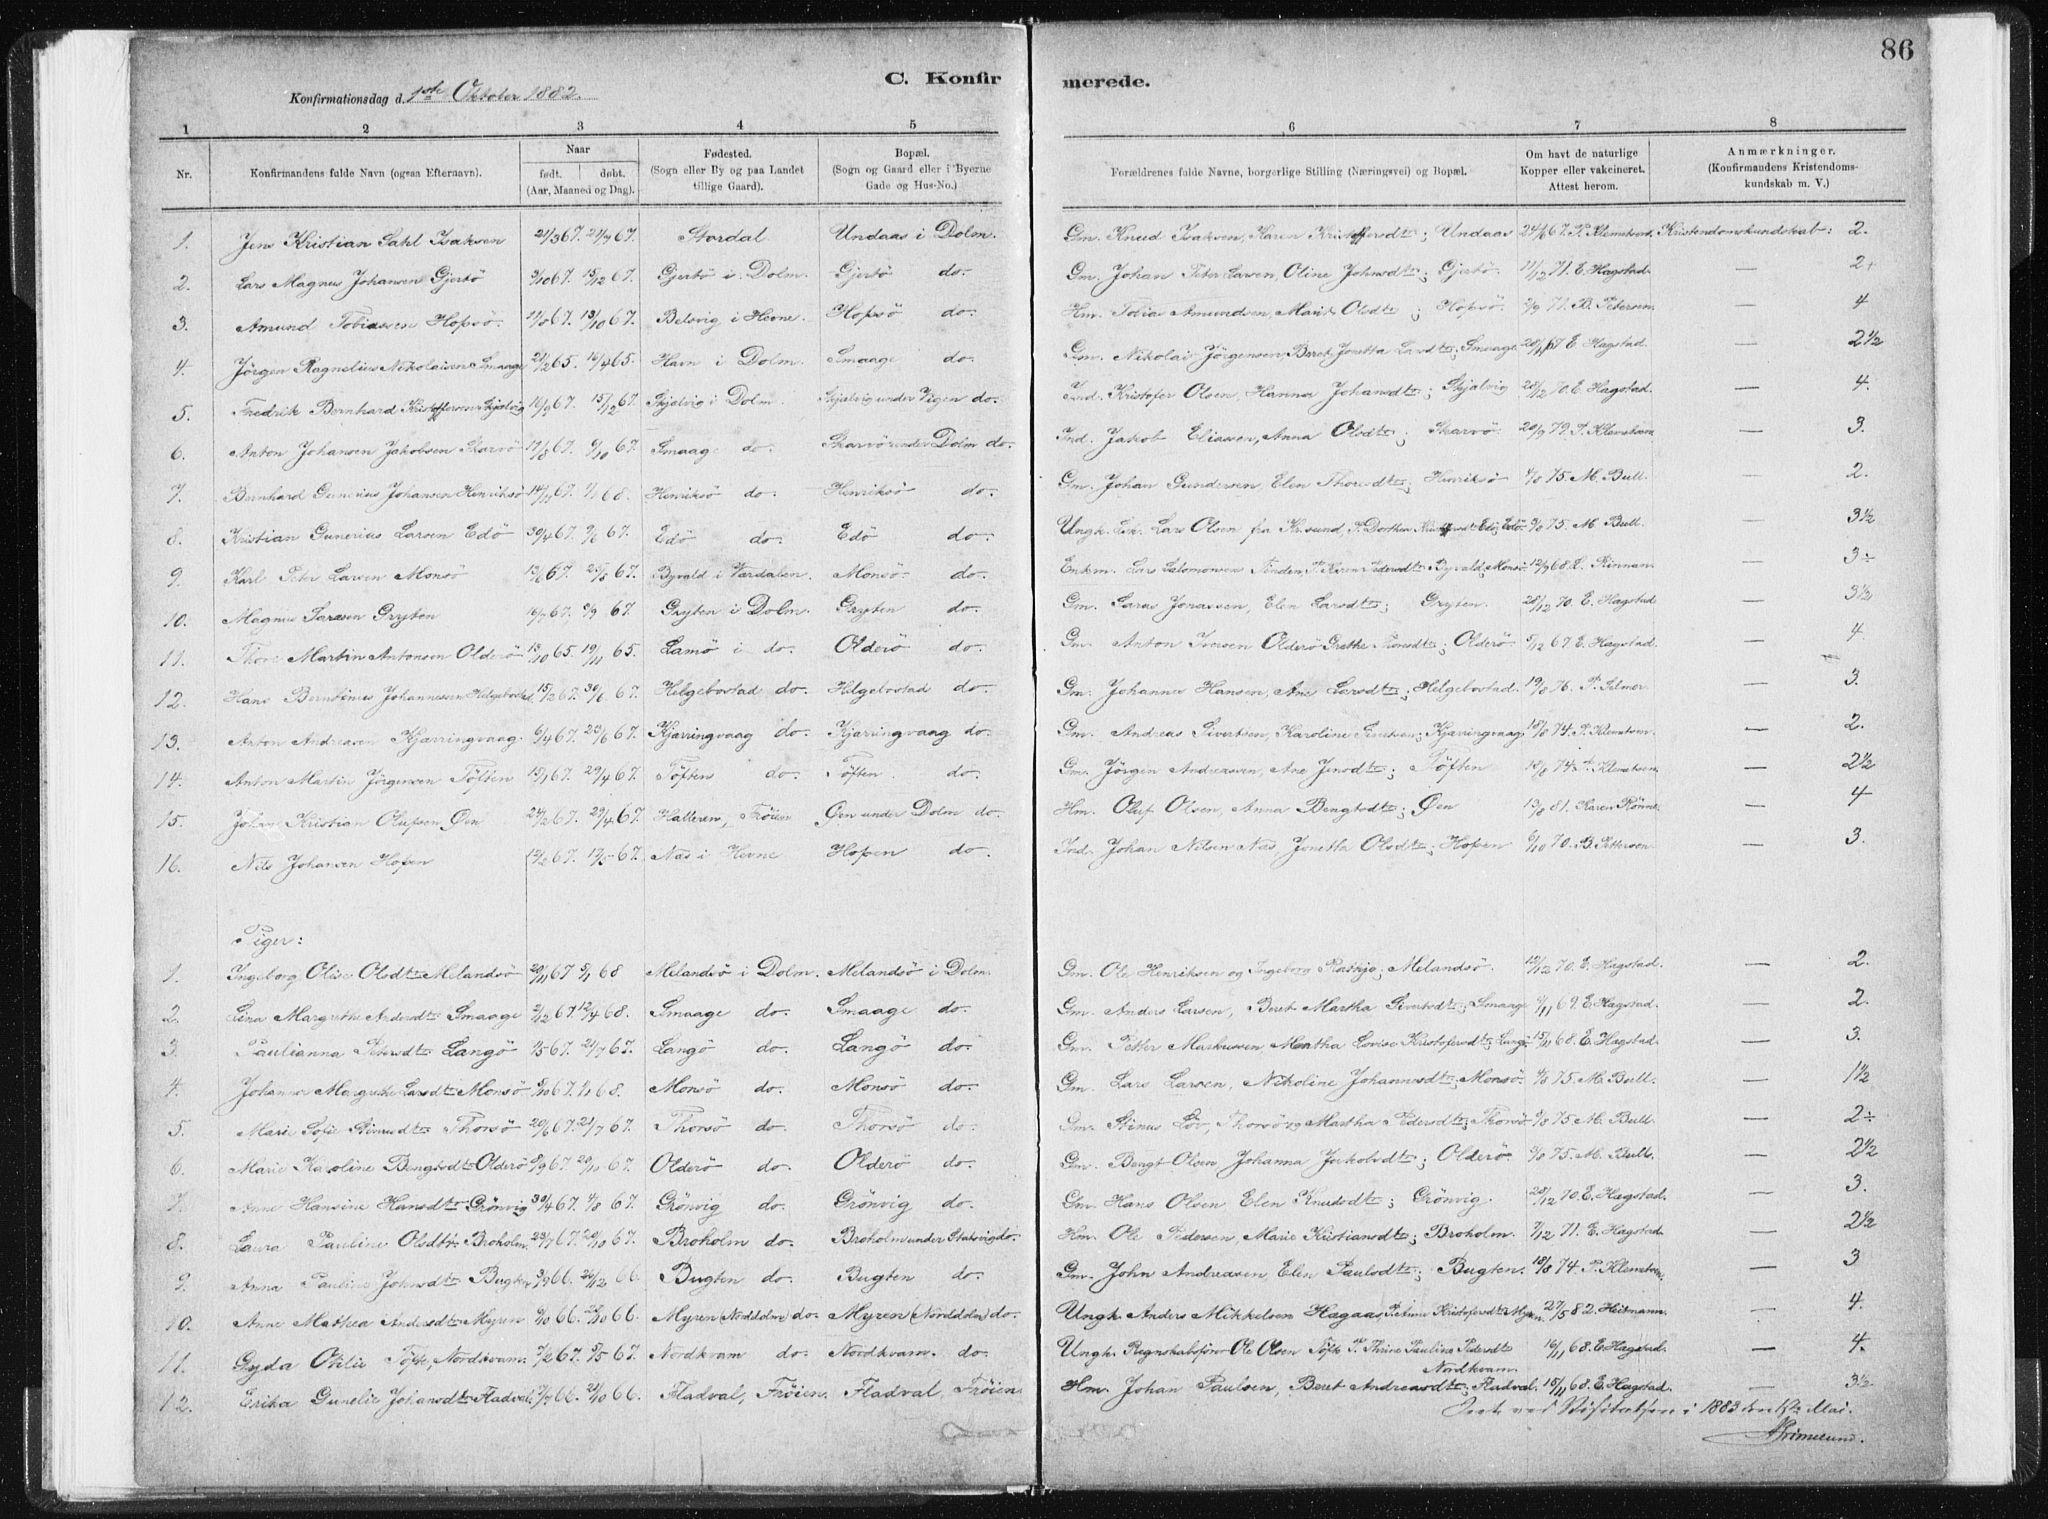 SAT, Ministerialprotokoller, klokkerbøker og fødselsregistre - Sør-Trøndelag, 634/L0533: Ministerialbok nr. 634A09, 1882-1901, s. 86